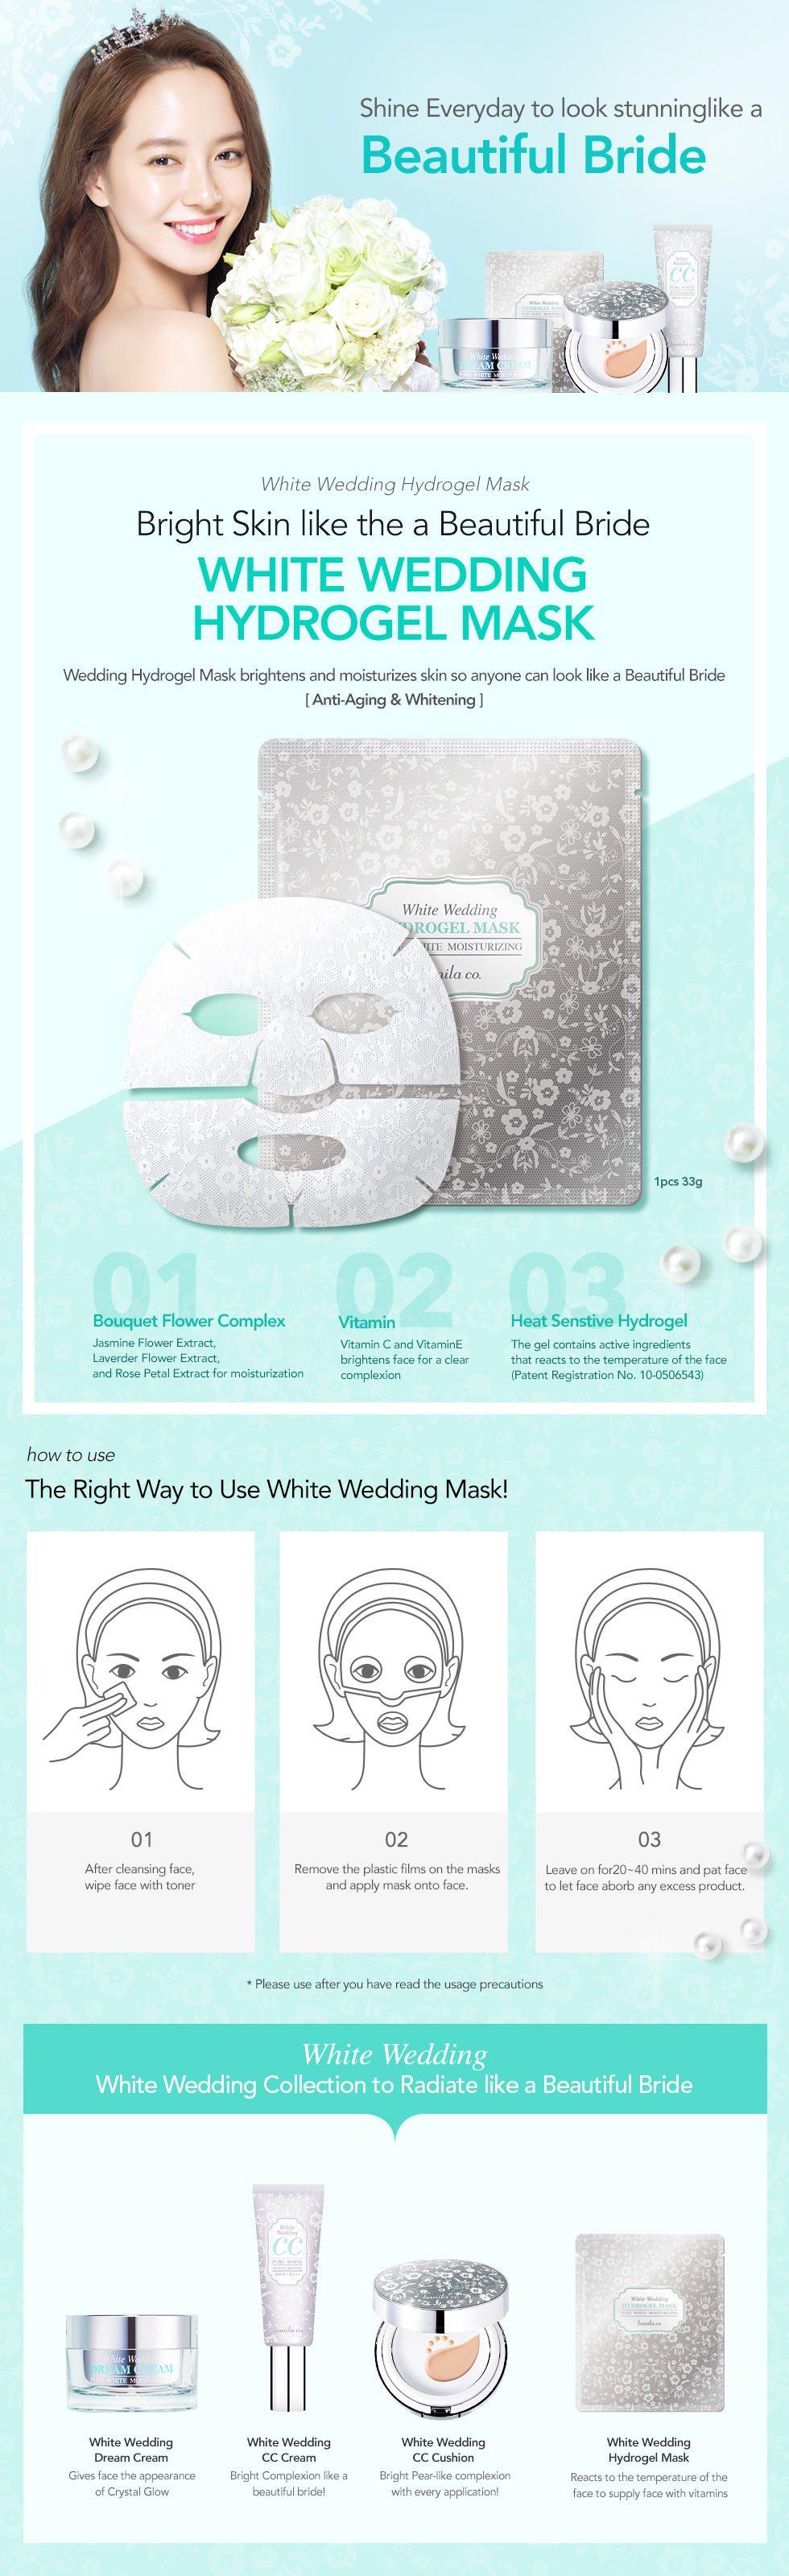 Banila Co White Wedding Hydrogel Mask 35g malaysia singapore indonesia